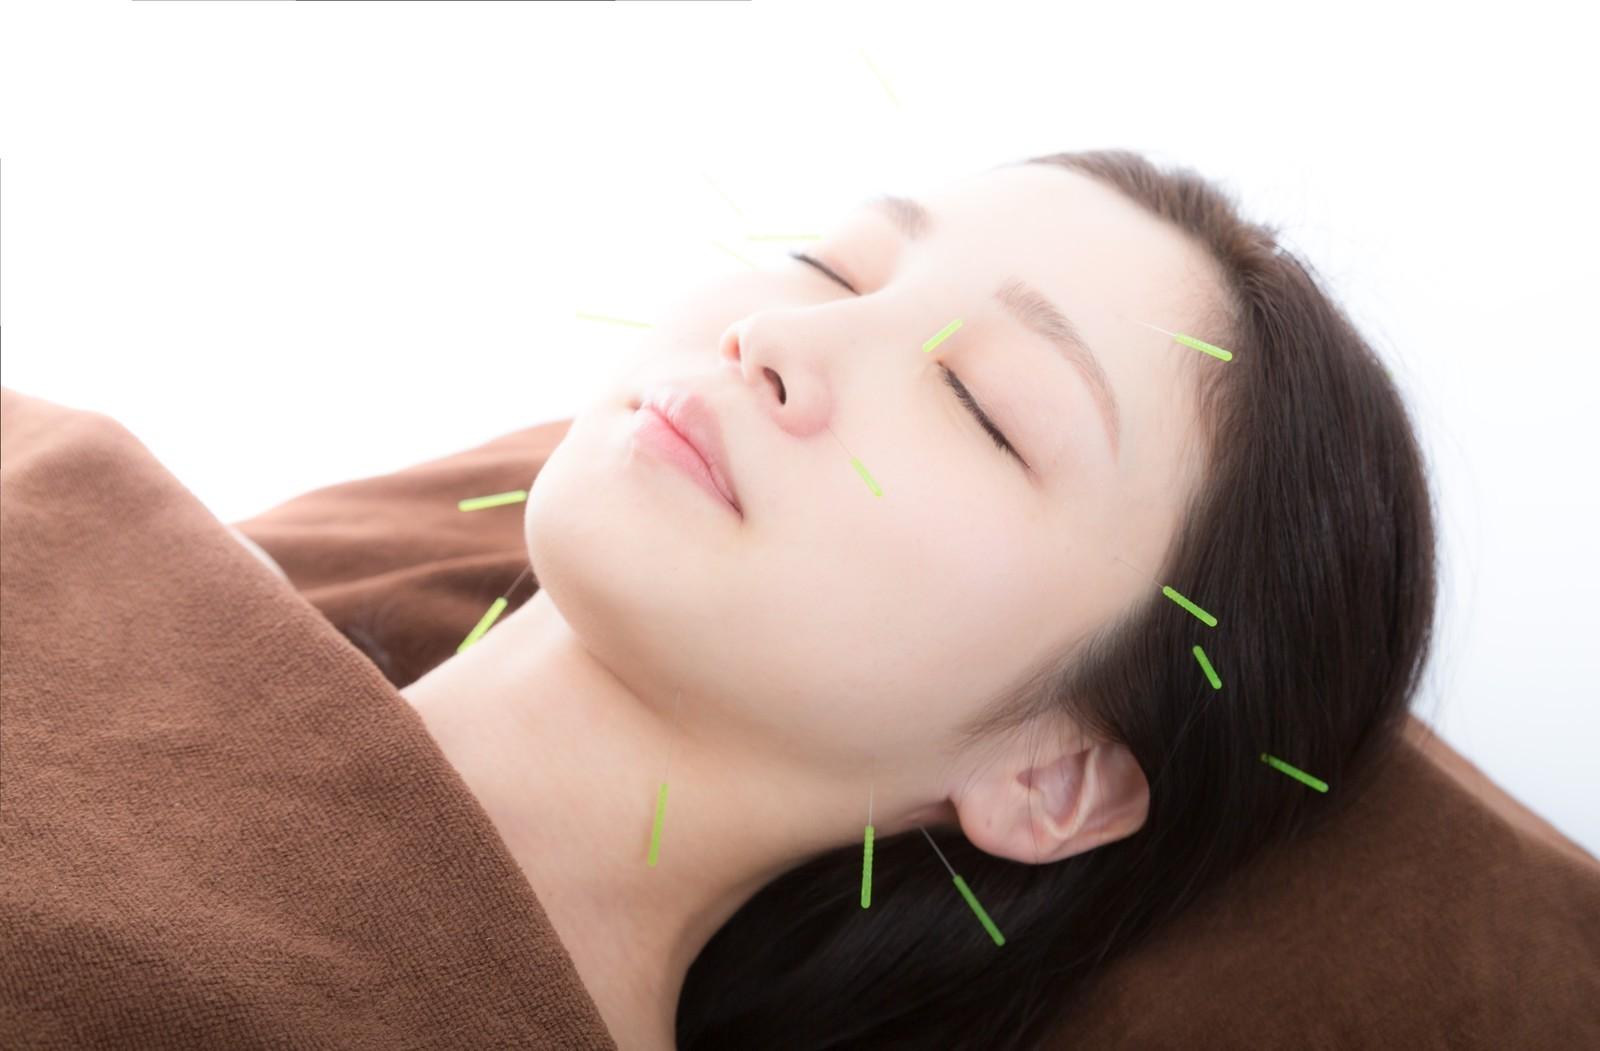 【初回or6カ月以上ご来店のない方】美容鍼灸コース